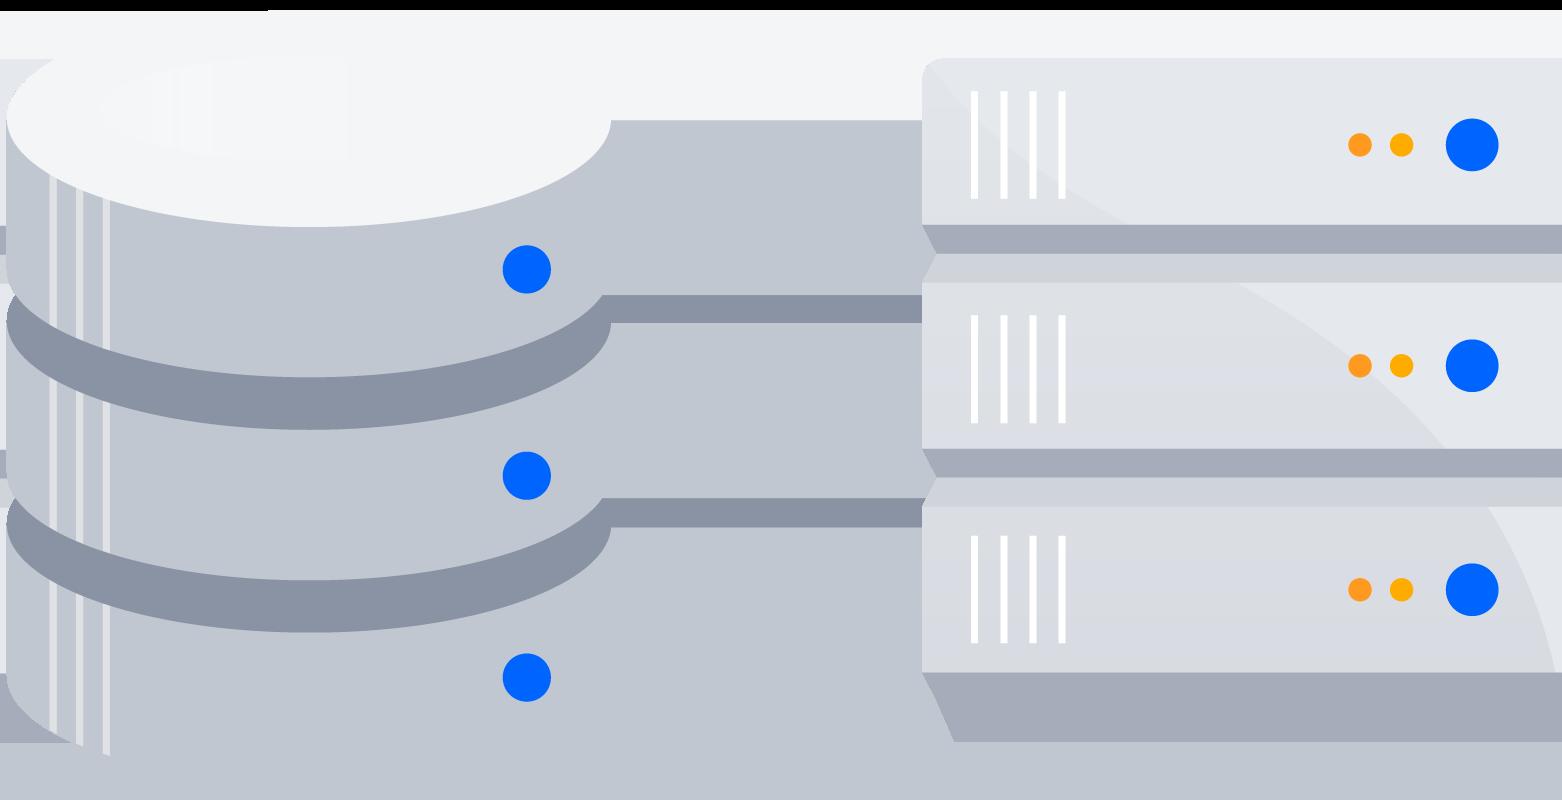 数据中心 + 服务器